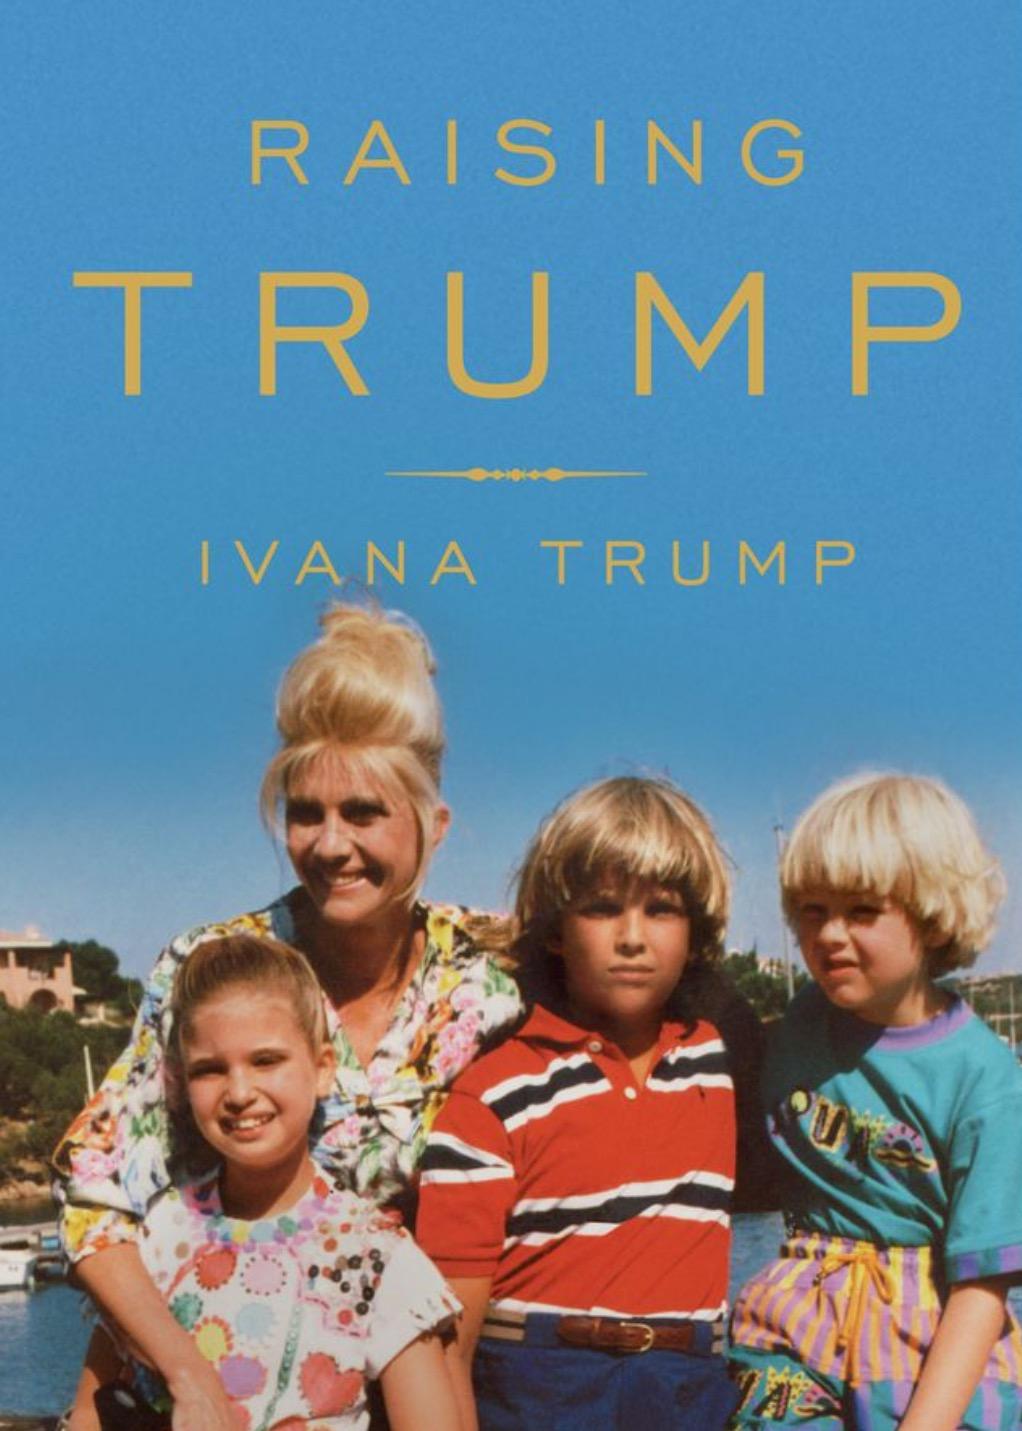 Ivana Trump on Raising Trump